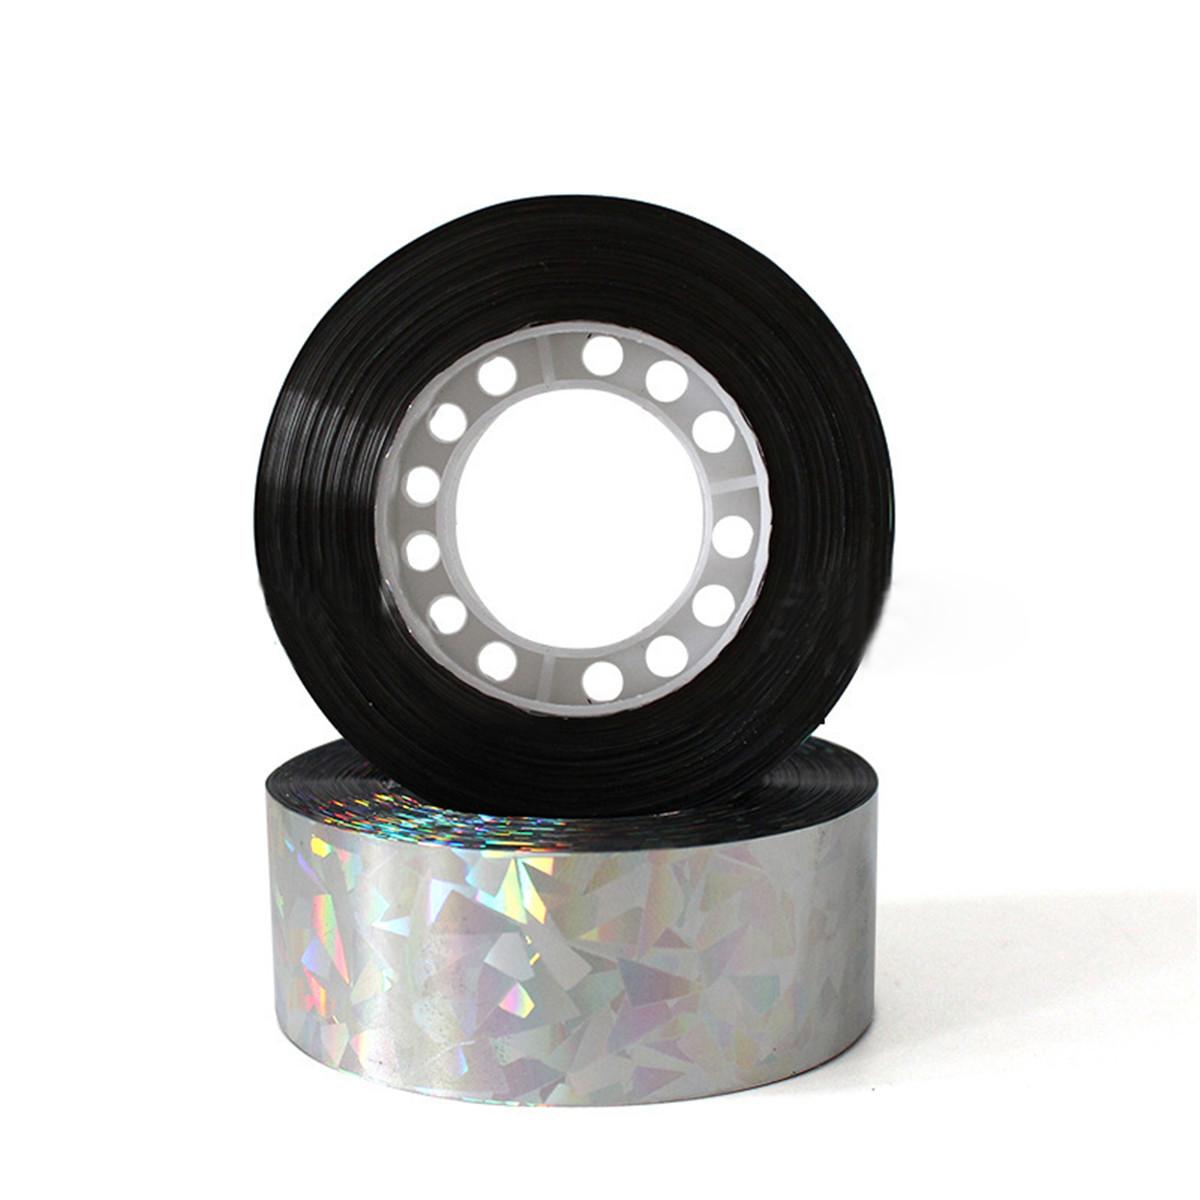 Polyester Film Anti Bird Tape Bird Repeller Ribbon Deterrent Tapes Birds Scare Tape